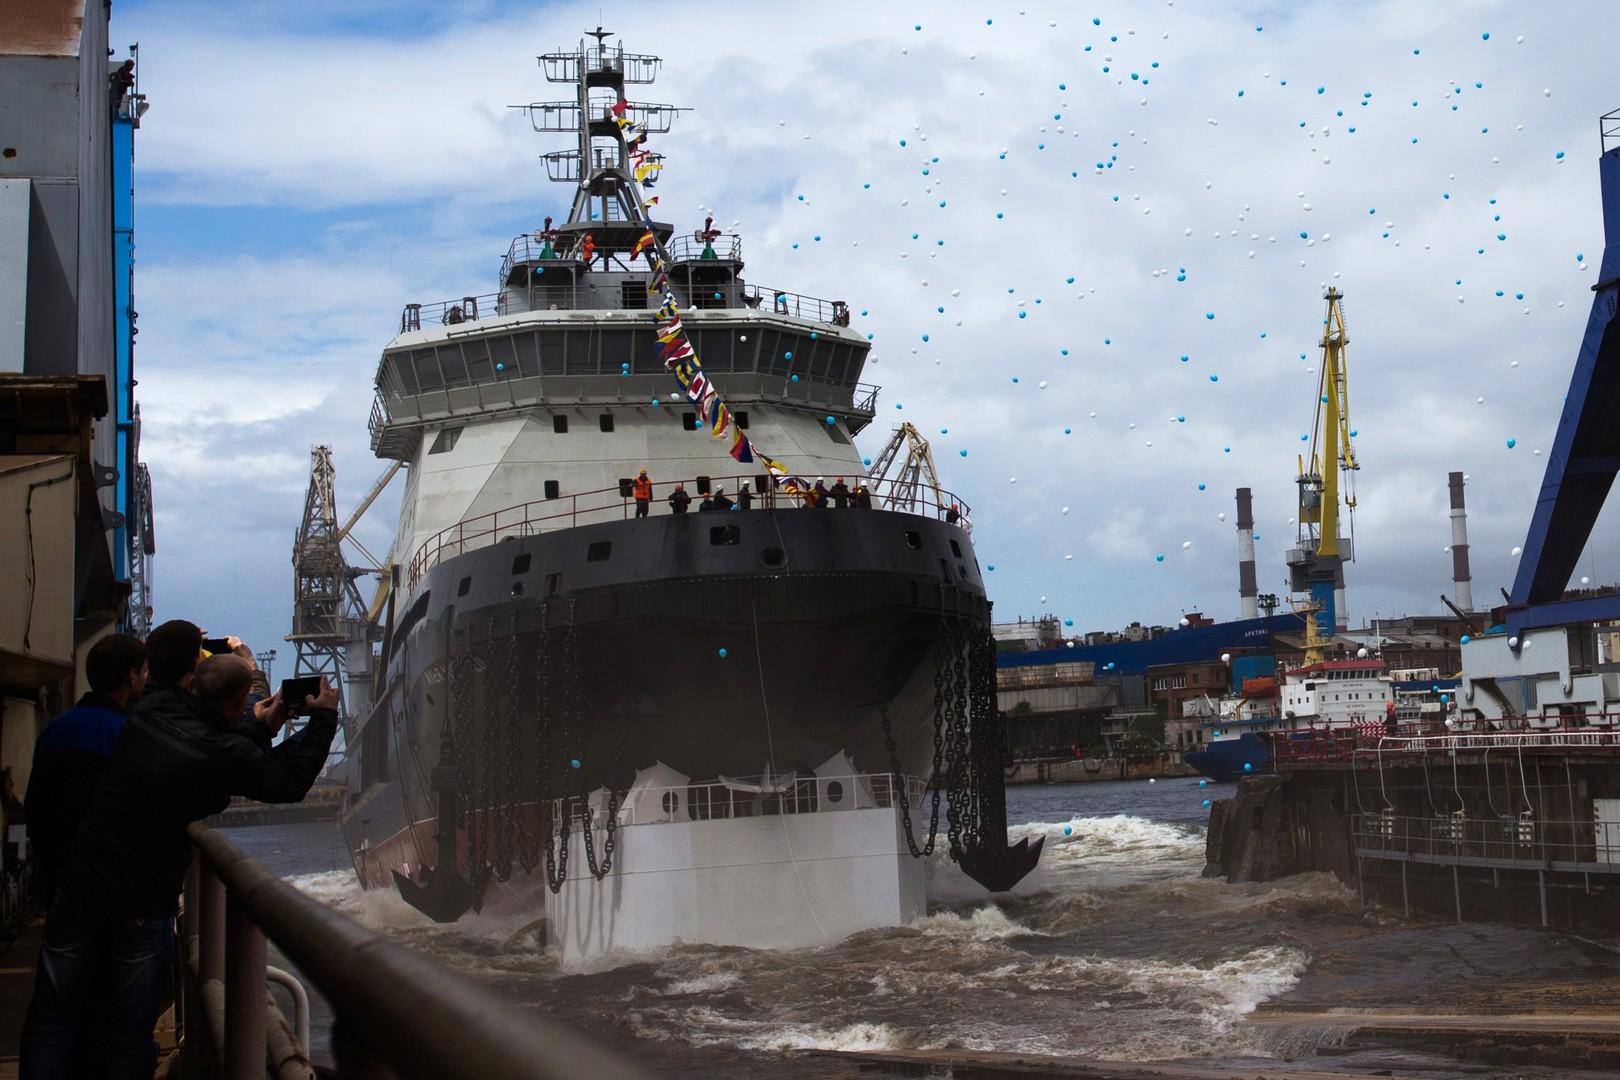 Дизель-электрический ледокол проекта 21180 «Илья Муромец», построенный для ВМФ России, во время церемонии спуска на воду в Санкт-Петербурге